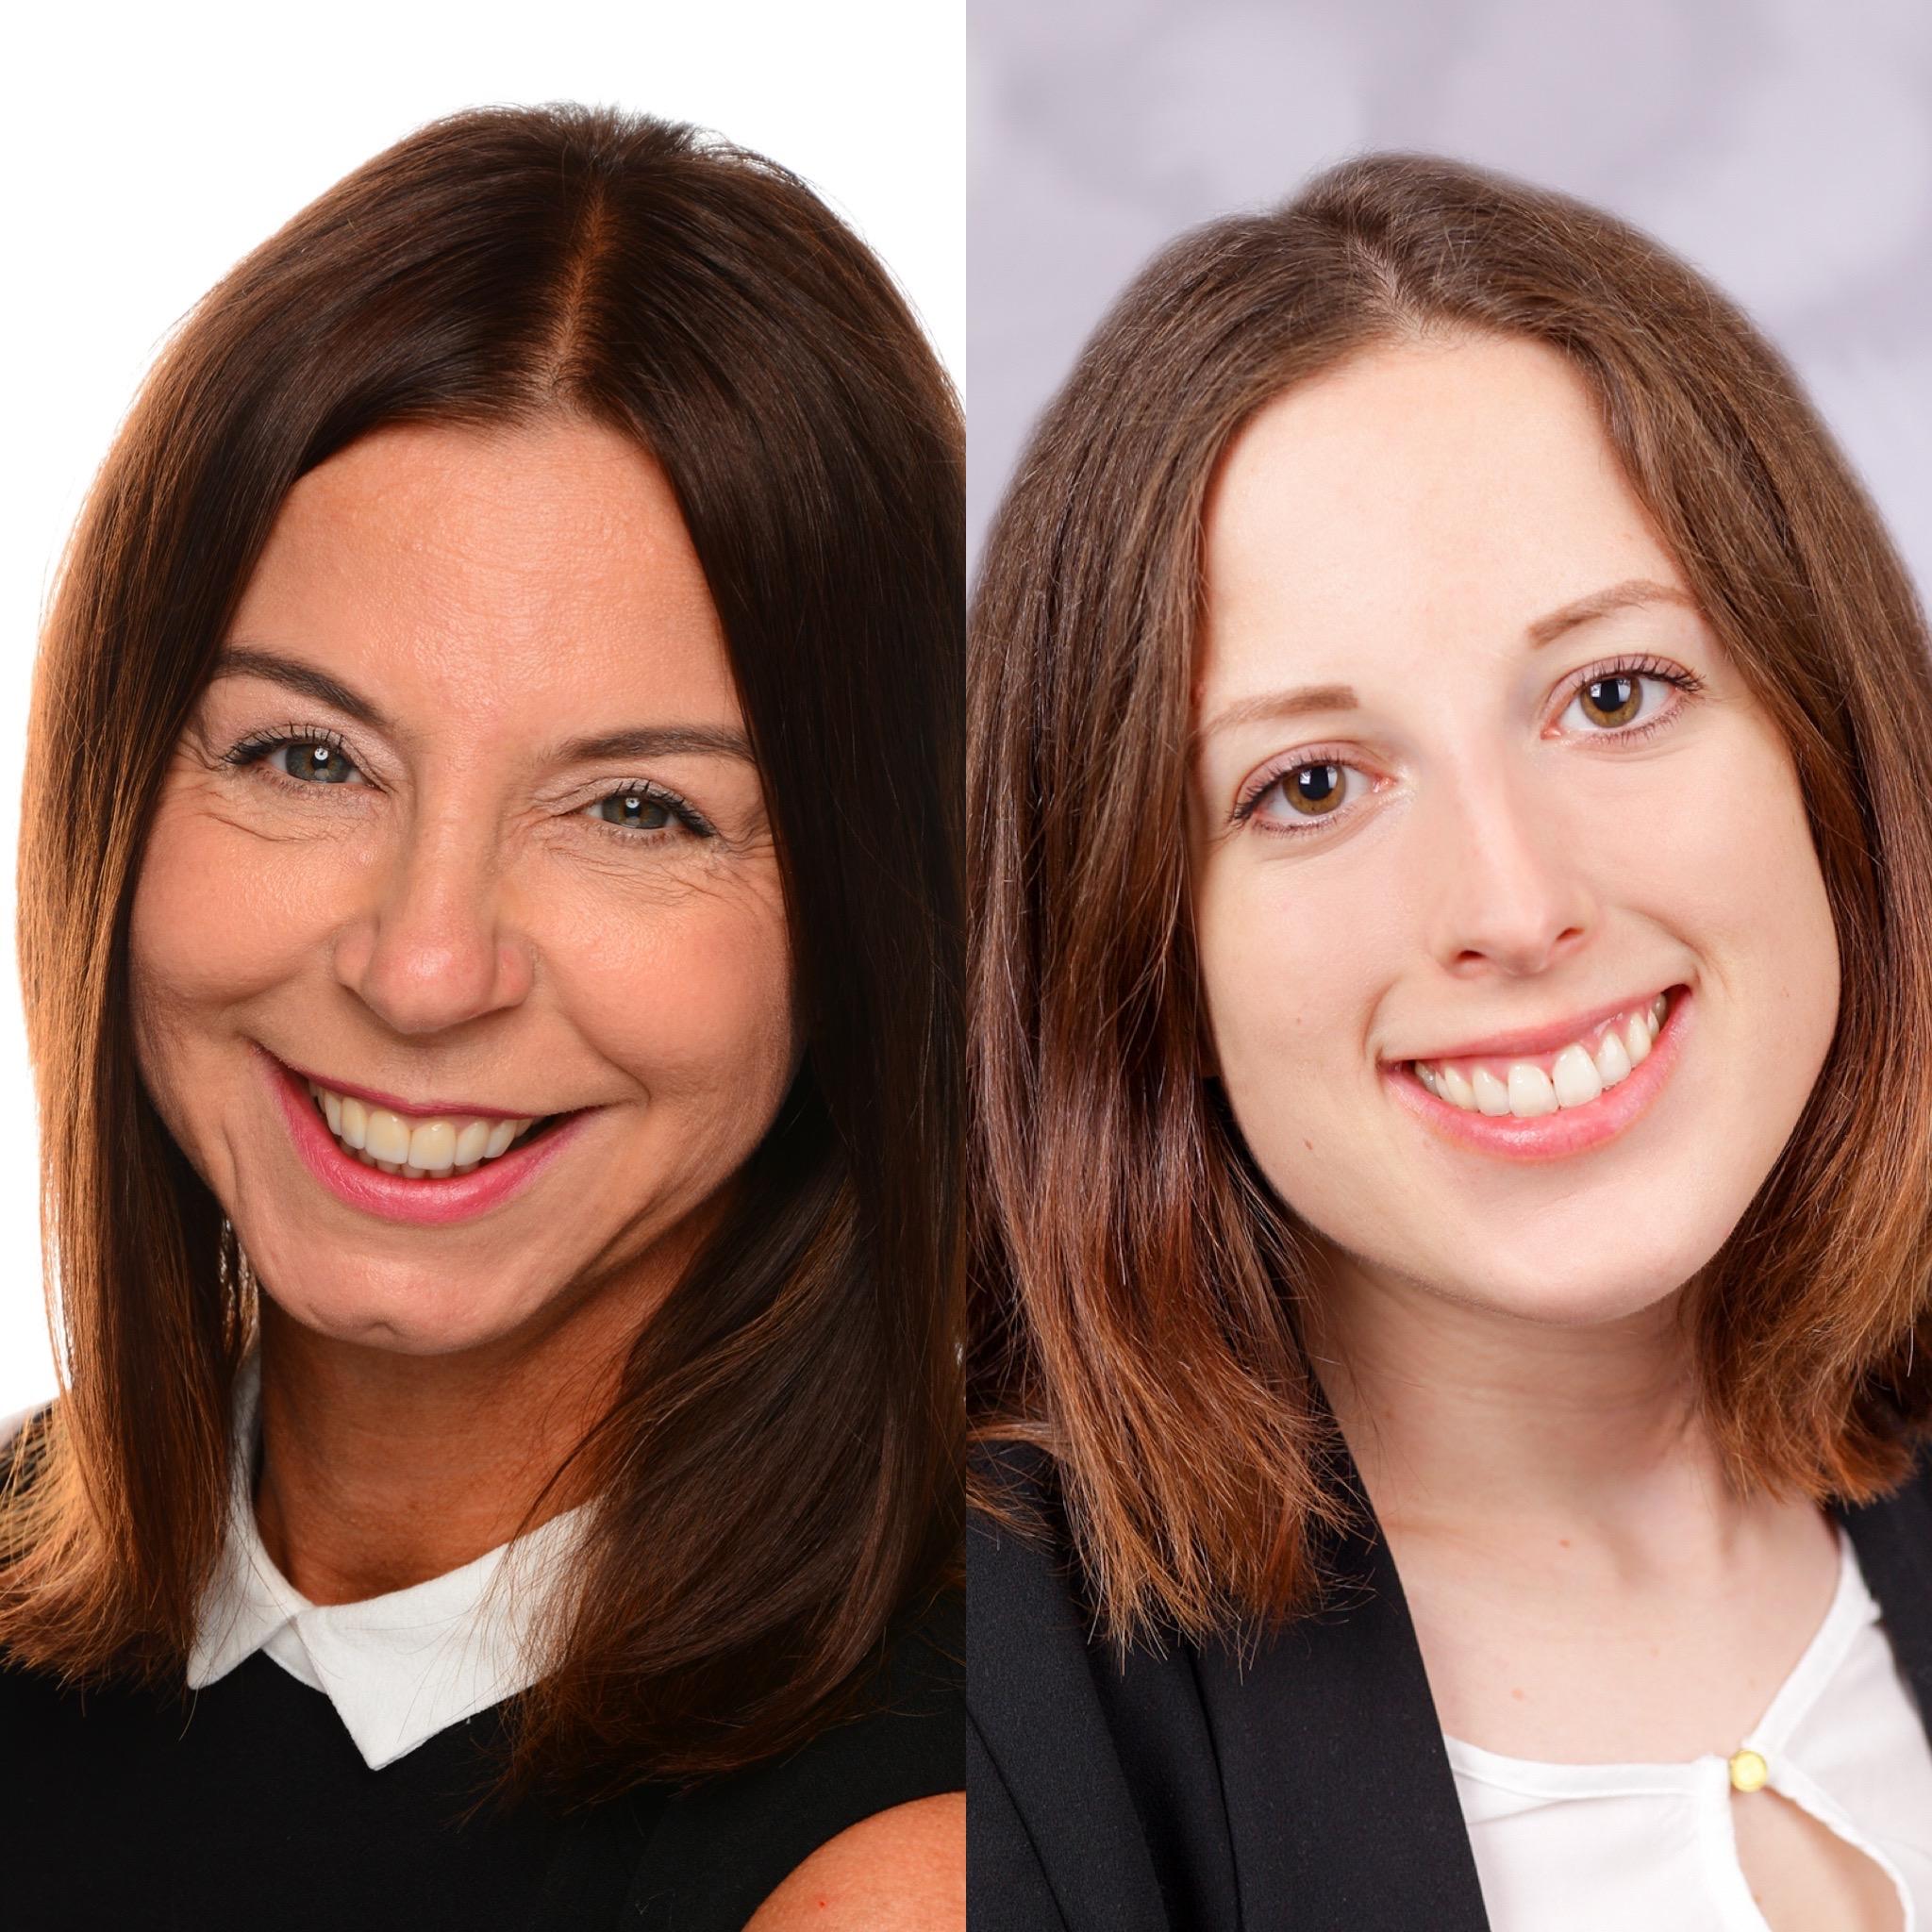 Beate Trus (links), ist nun für den deutschlandweiten Vertrieb unserer IOL und Non-IOL Produkte verantwortlich und Nadine Siefert (rechts), neue Medizinisch-Optische Spezialistin